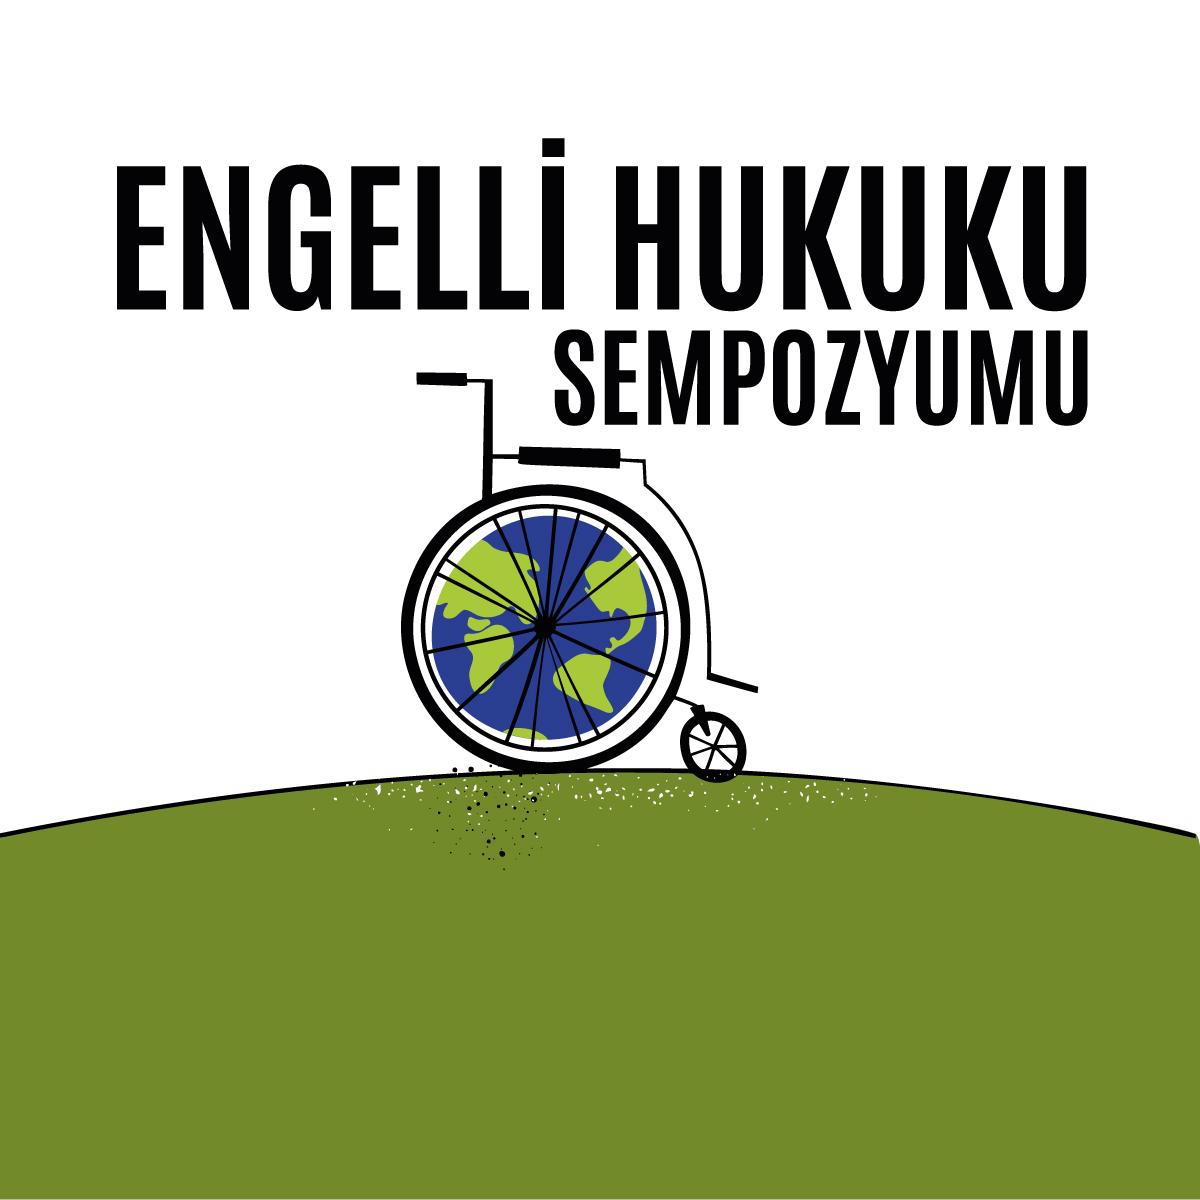 engelli-hukuku-sempozyum